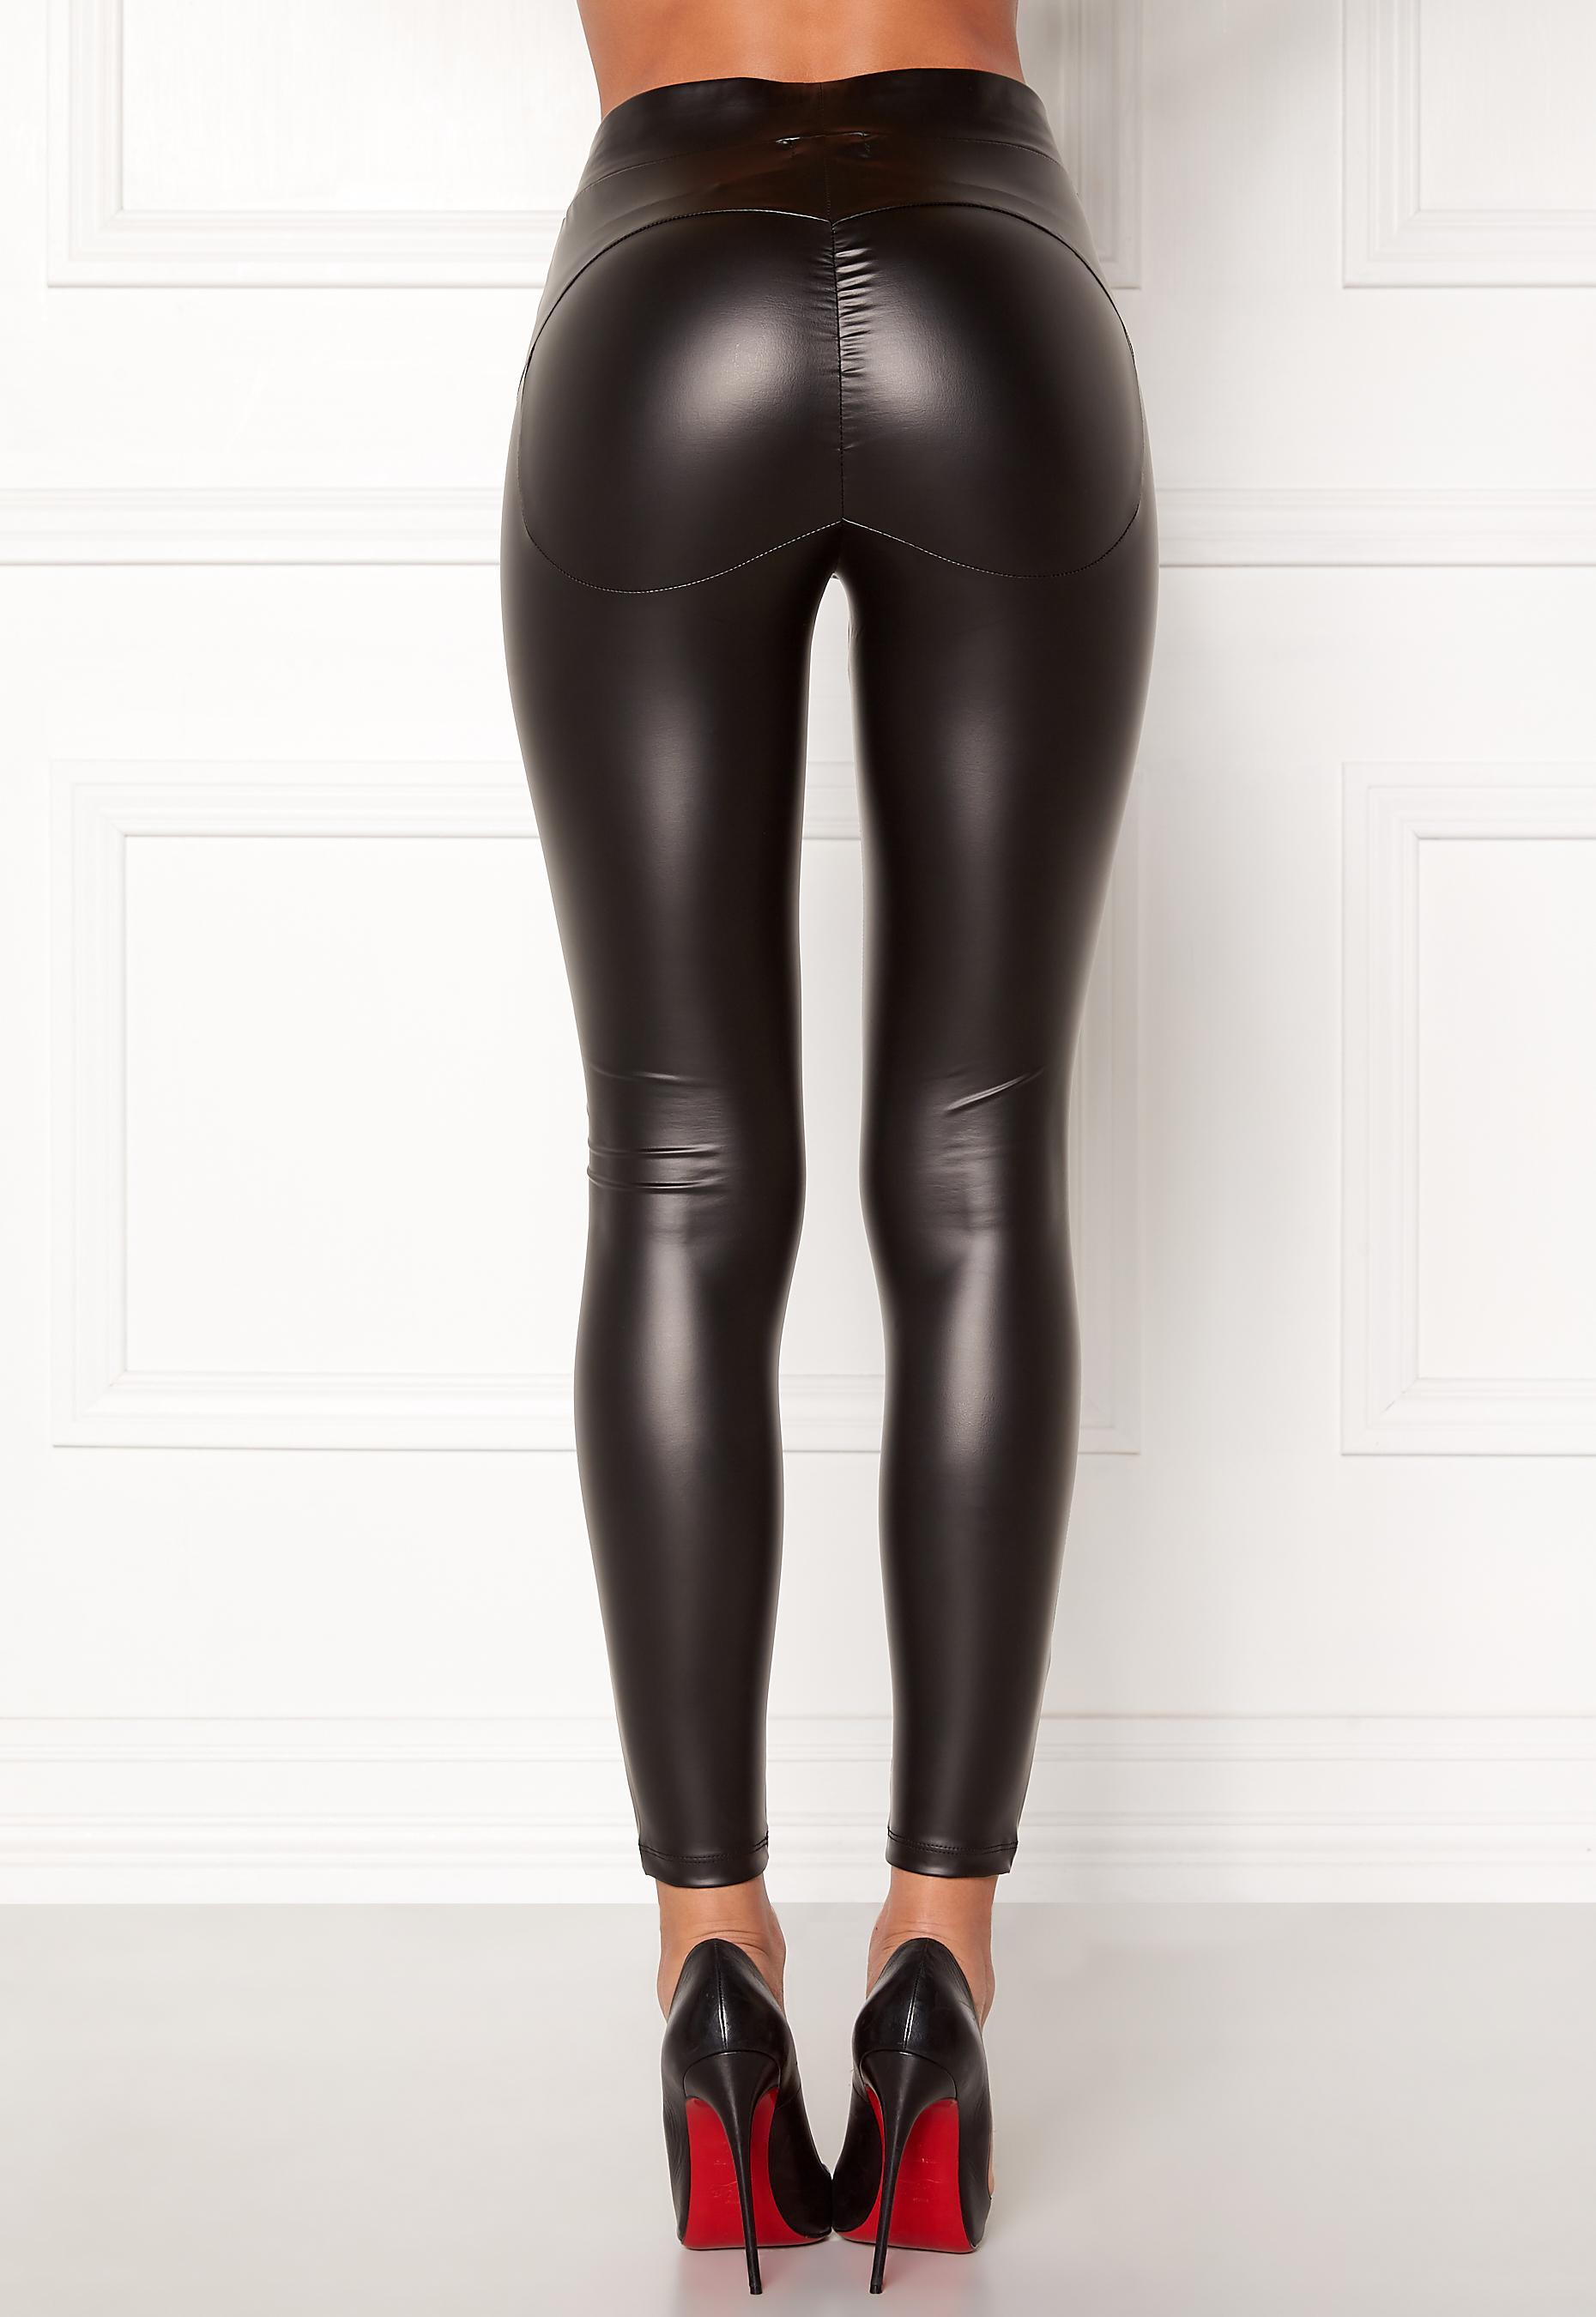 Wearing black casual latex lara larsen - 5 4